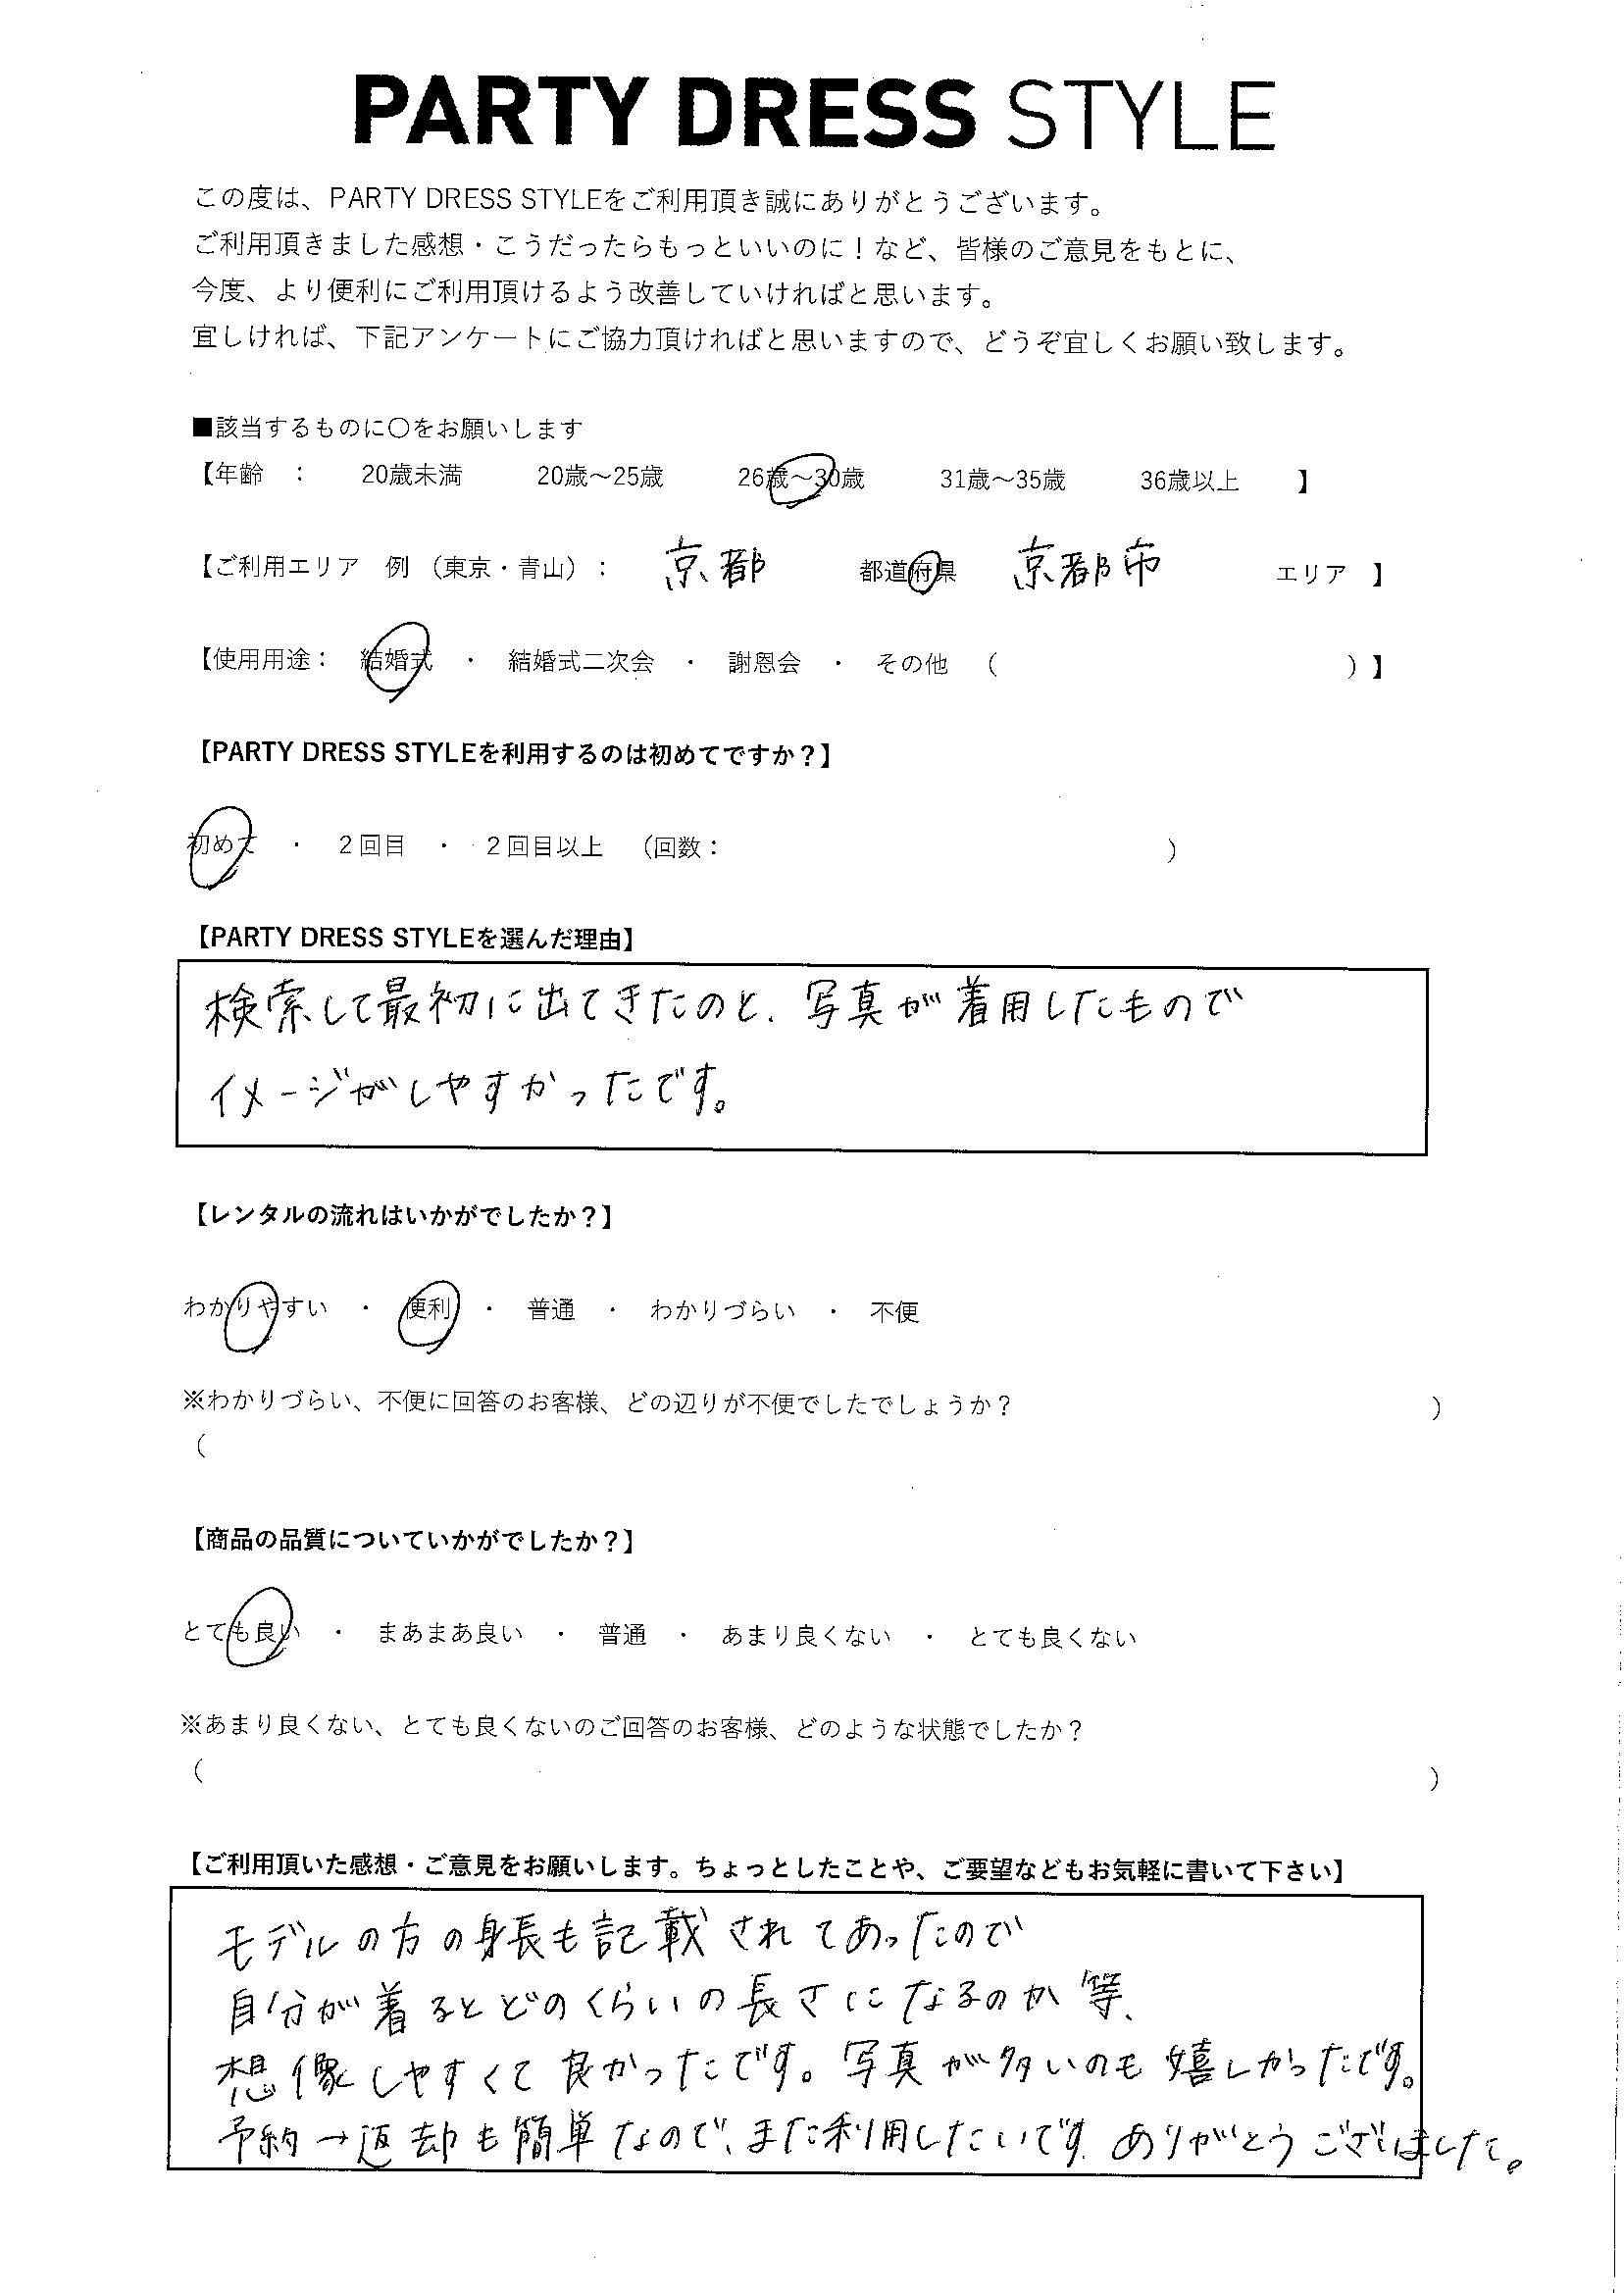 6/29結婚式利用 京都府・京都市エリア